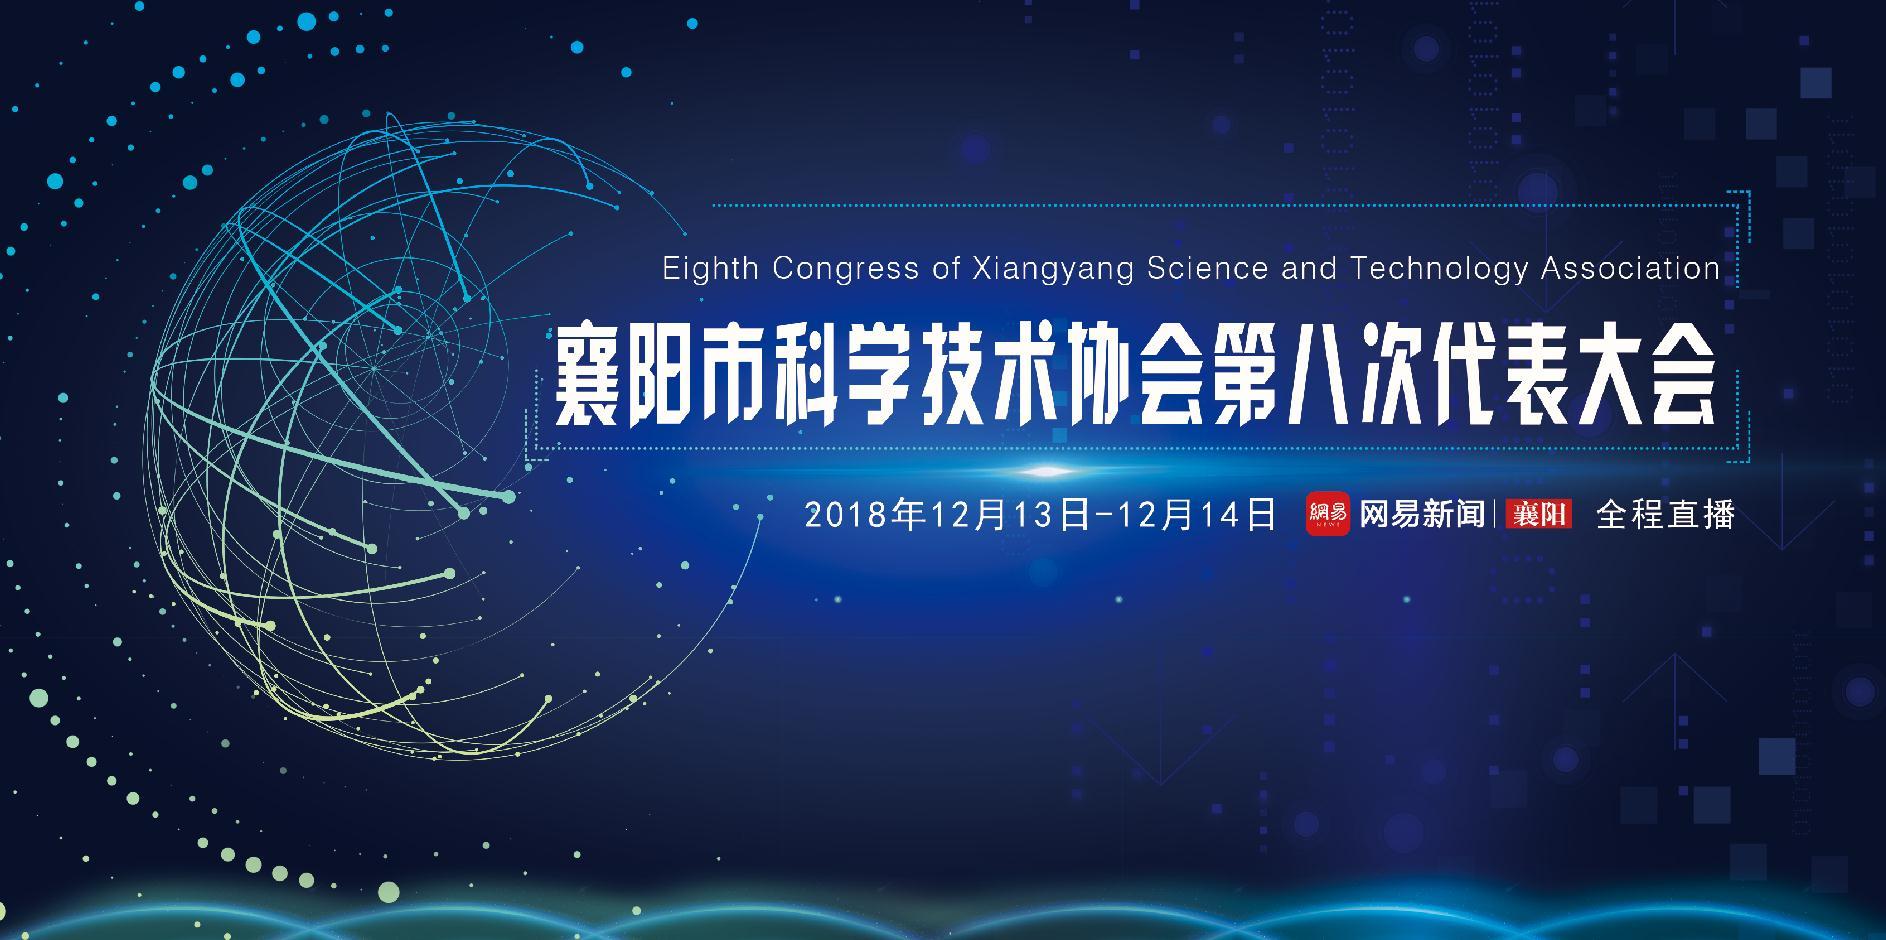 襄阳市科学技术协会第八次代表大会